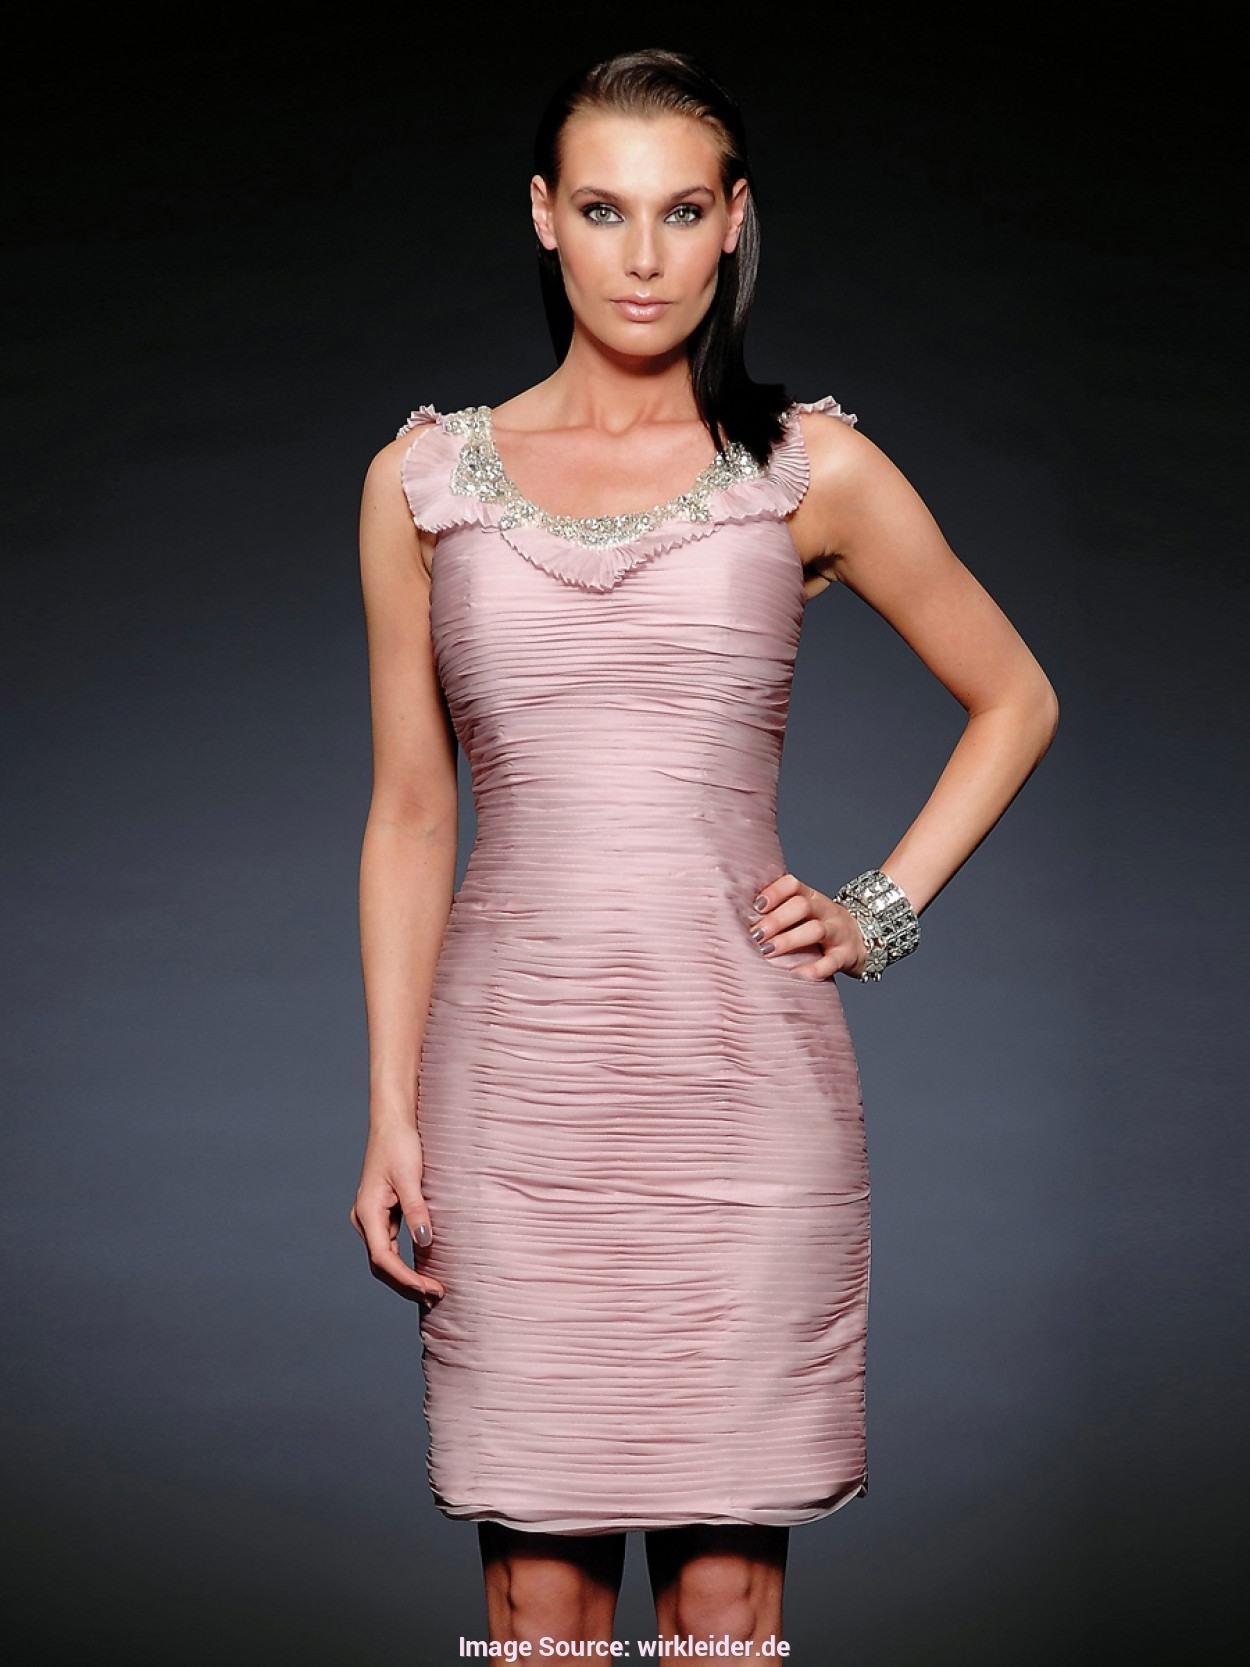 17 Schön Kleid Festlich Knielang Vertrieb20 Einzigartig Kleid Festlich Knielang Spezialgebiet